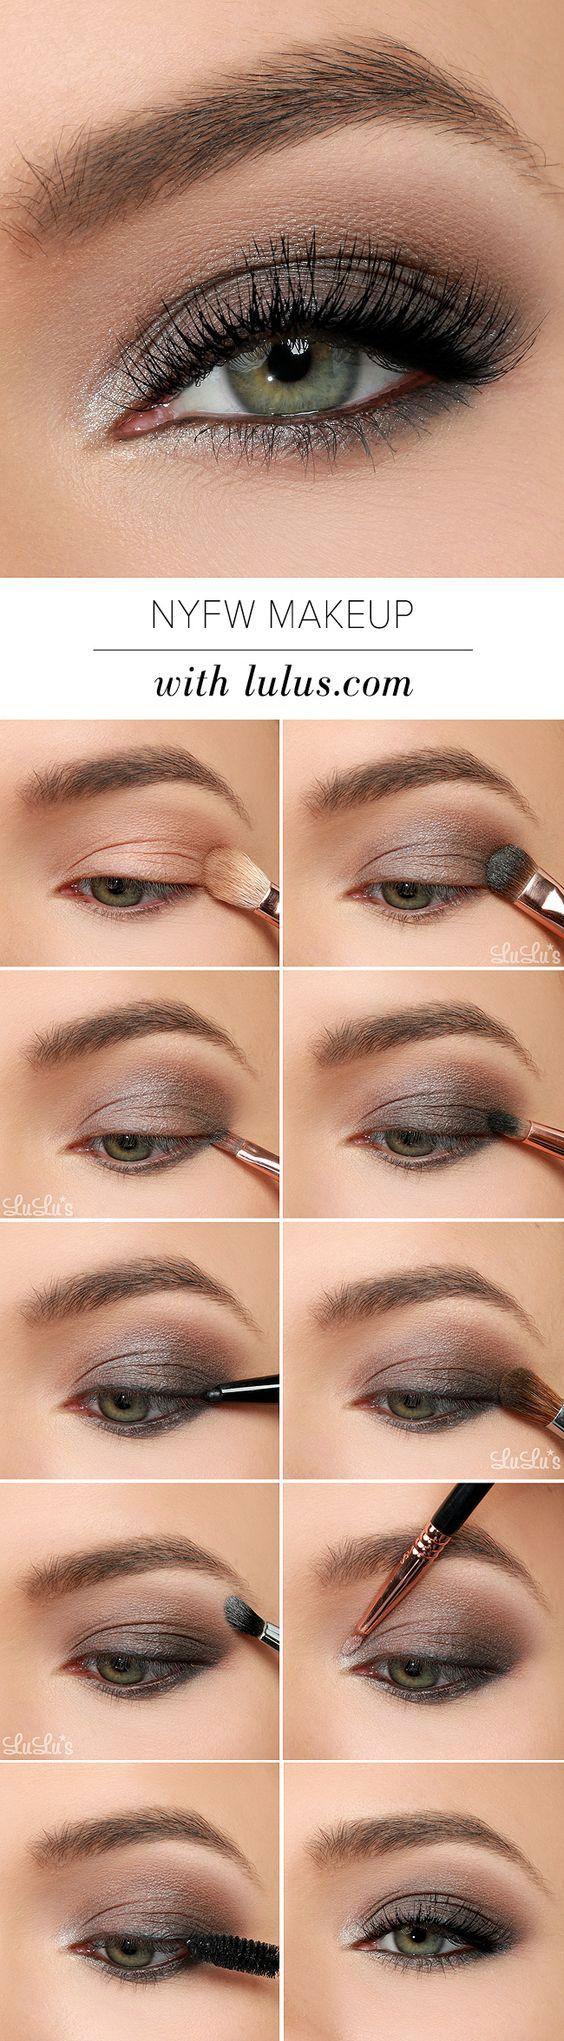 Макияж для зеленых глаз в домашних условиях